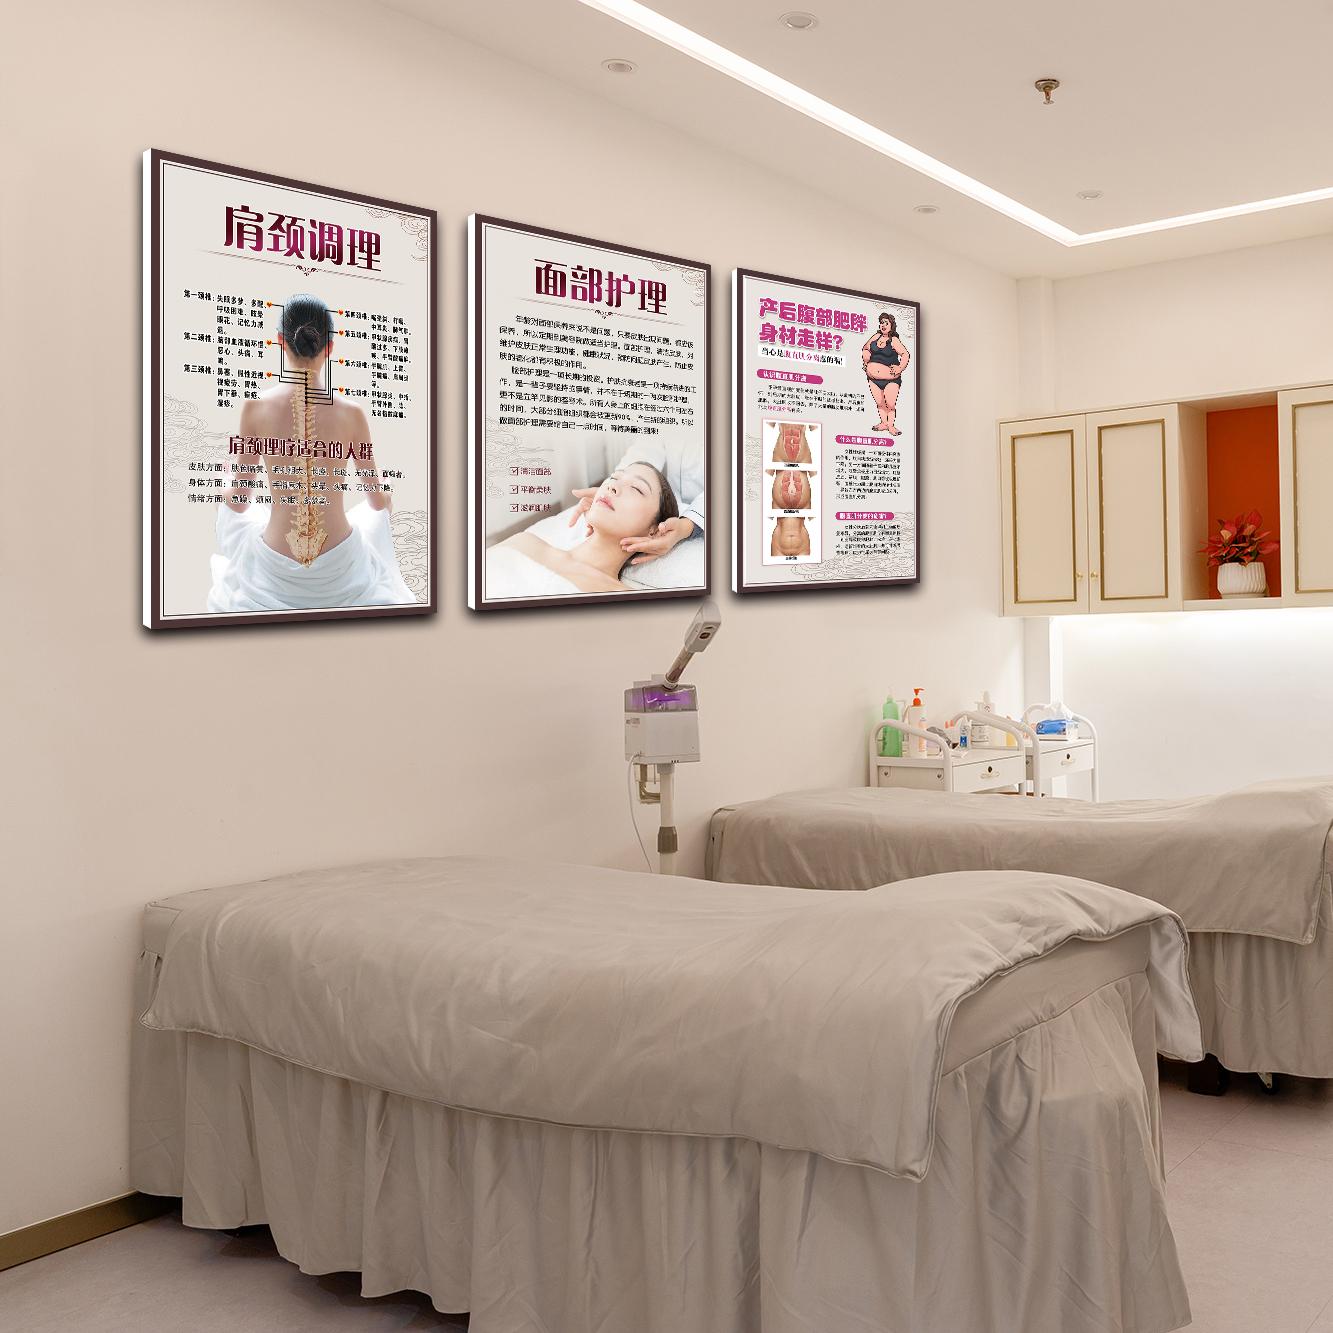 美容院装饰画 挂画养生馆店墙面背景墙装饰图片挂图壁画宣传海报